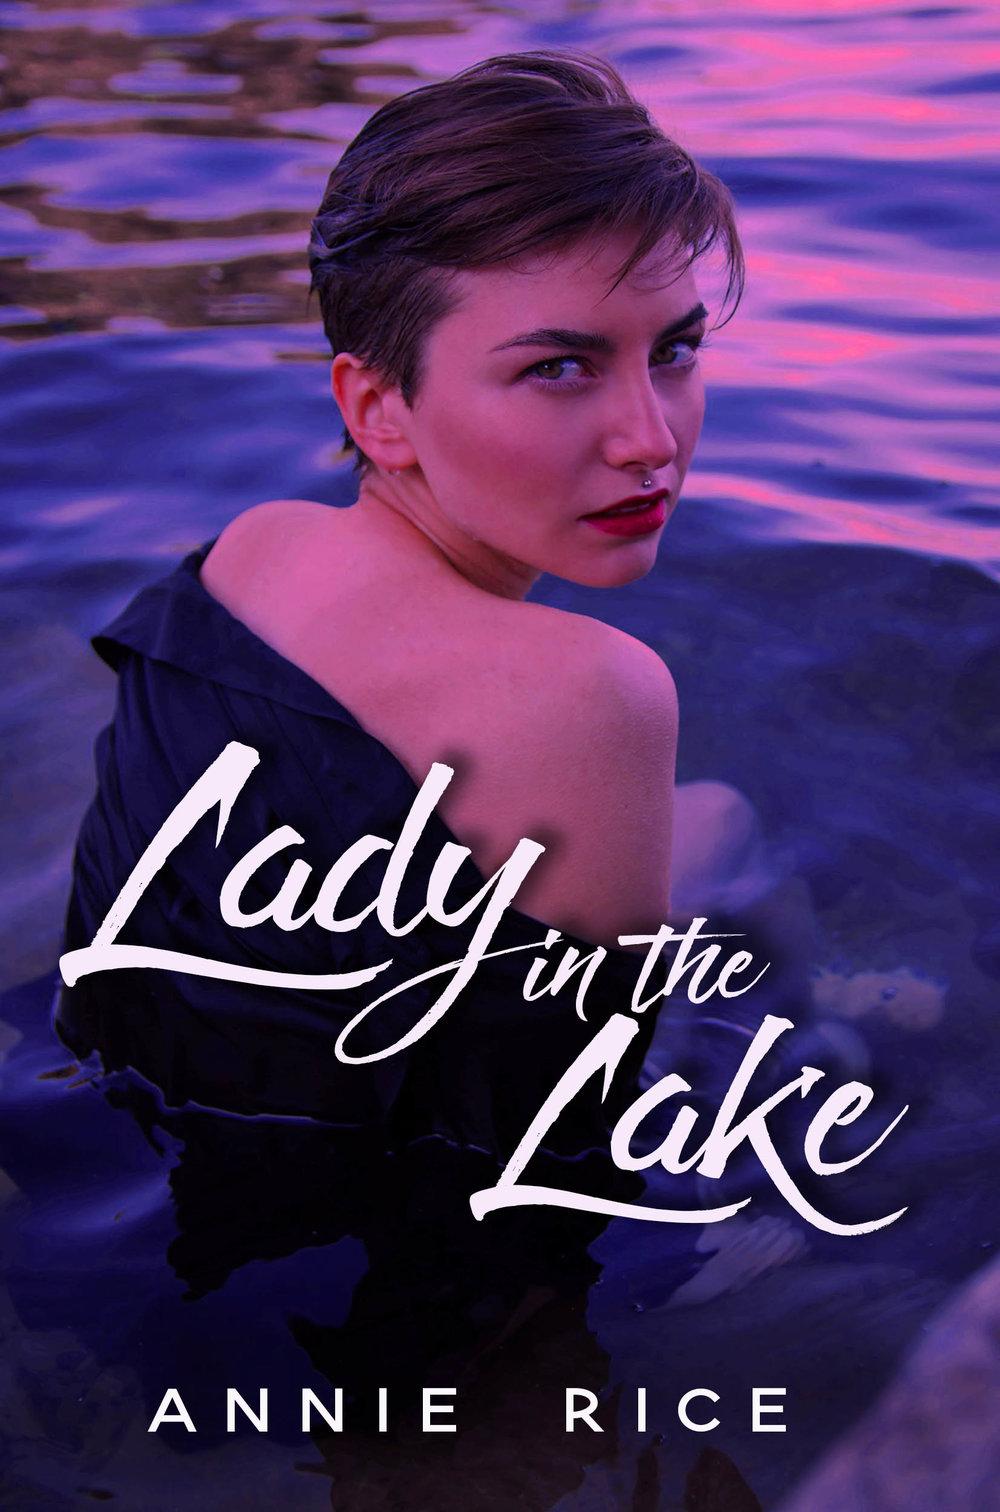 LadyInLake2.jpg